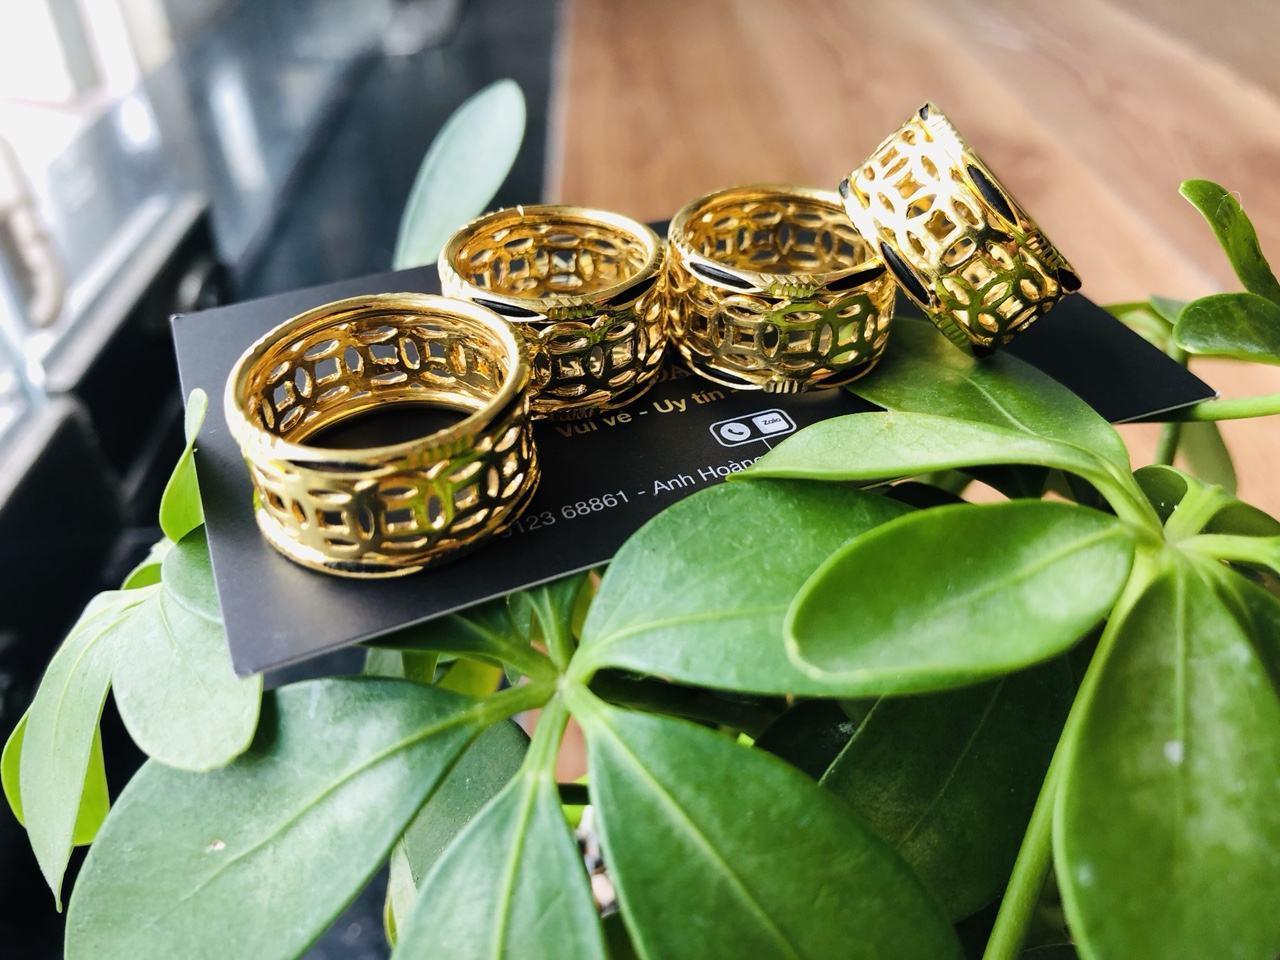 Nhẫn lông voi vàng 24k kim tiền Riogems tphcm